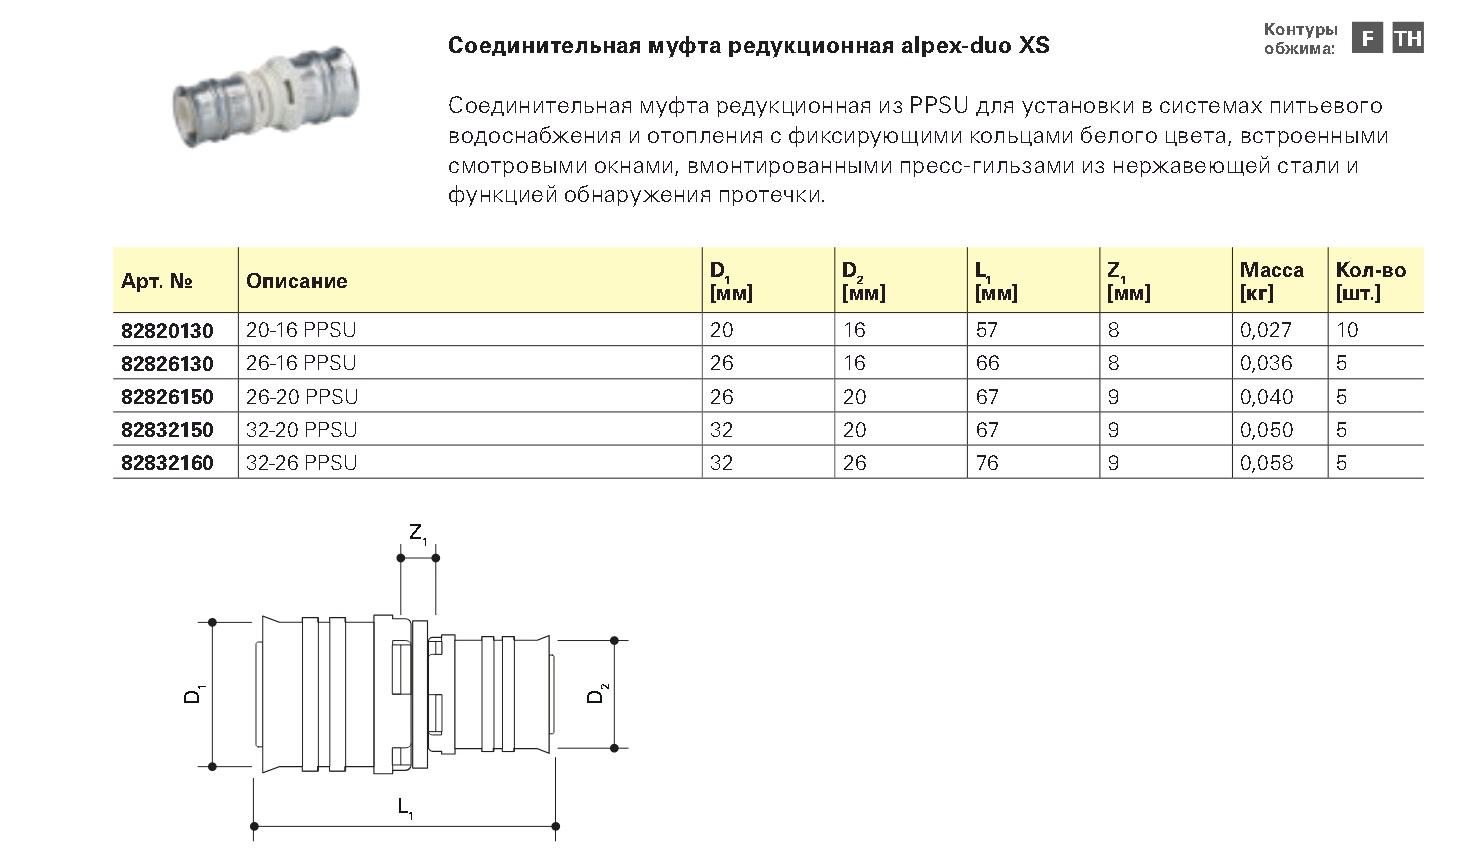 Пресс фитинг FRAENKISCHE Муфта редукционная 20x16 alpex-duo XS PPSU - купить в Челябинске